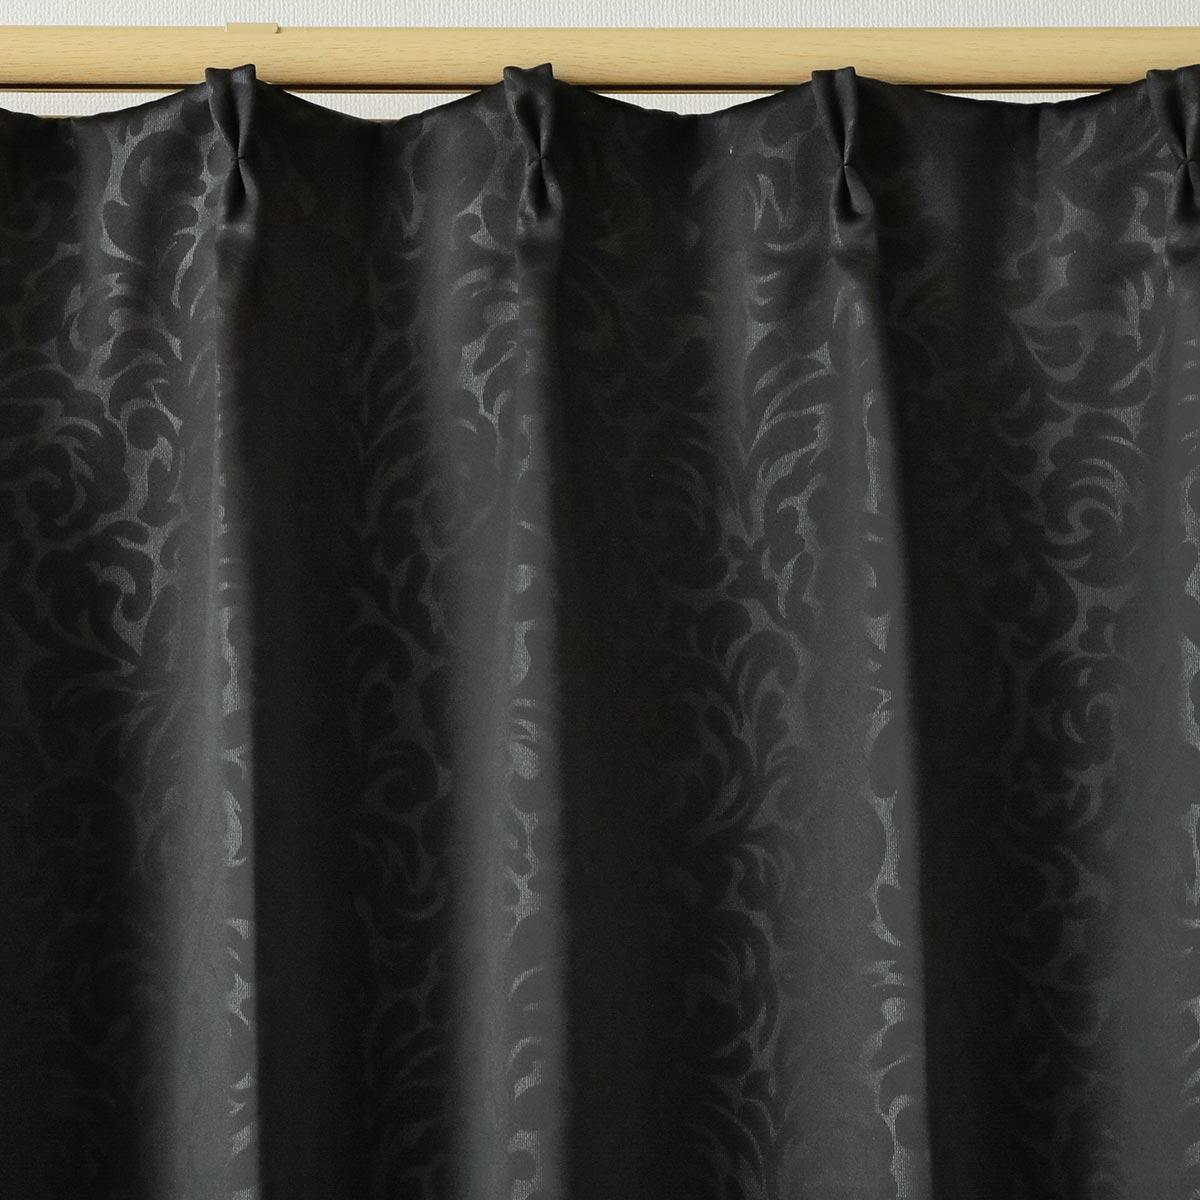 ドレープカーテン『ココア』説明画像3